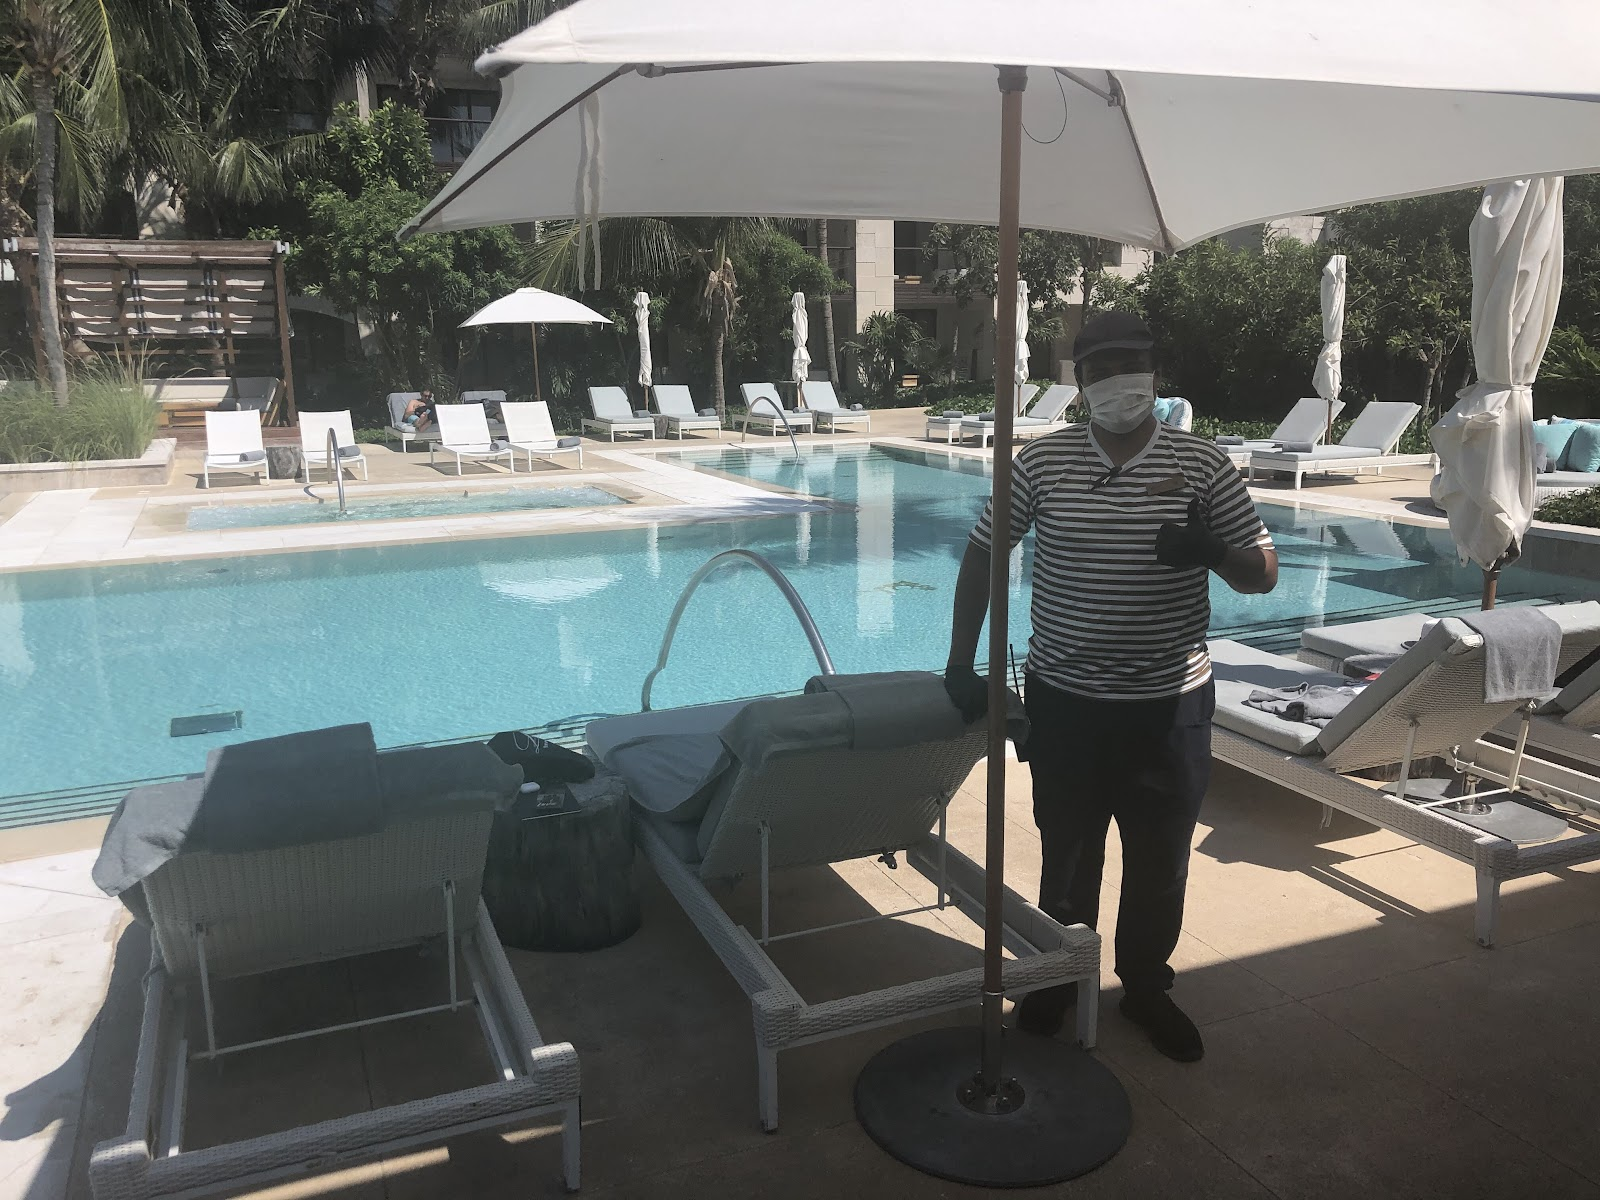 Pool Steward